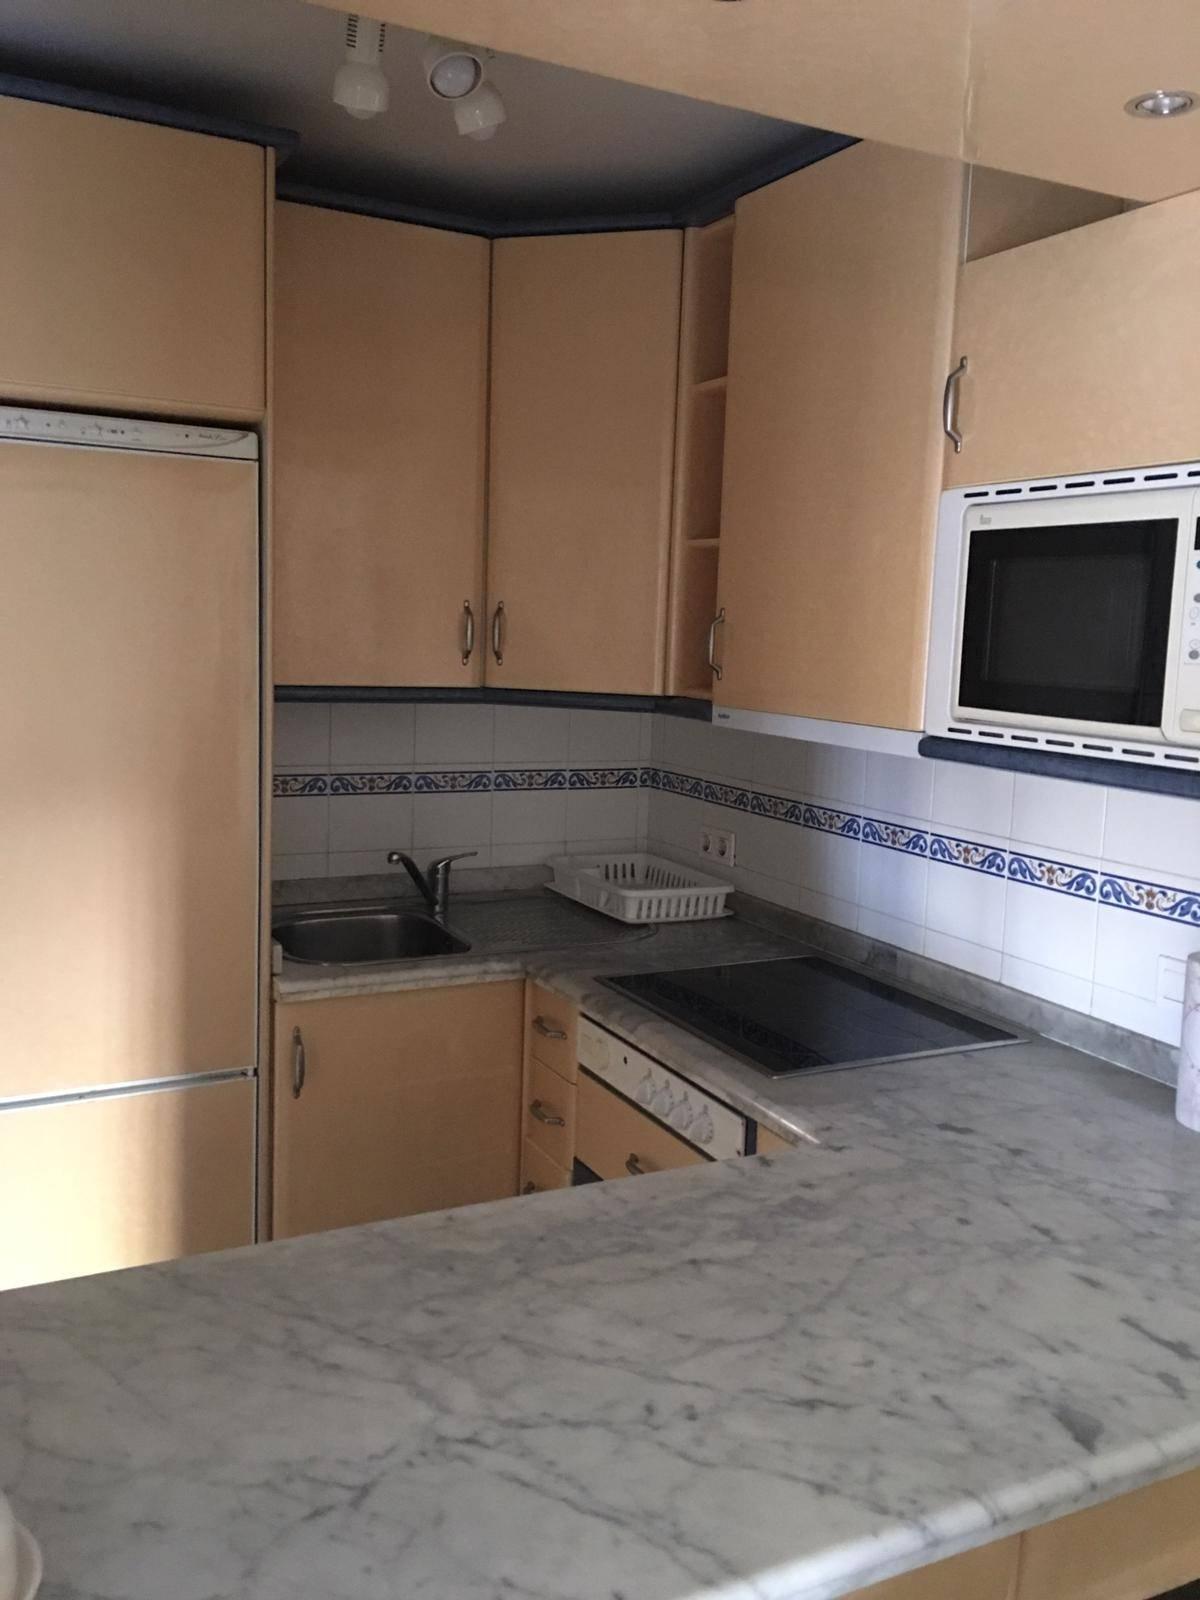 Alquiler piso en Triana, Pureza 34 - Carmen: 639.14.41.48  - Foto 5